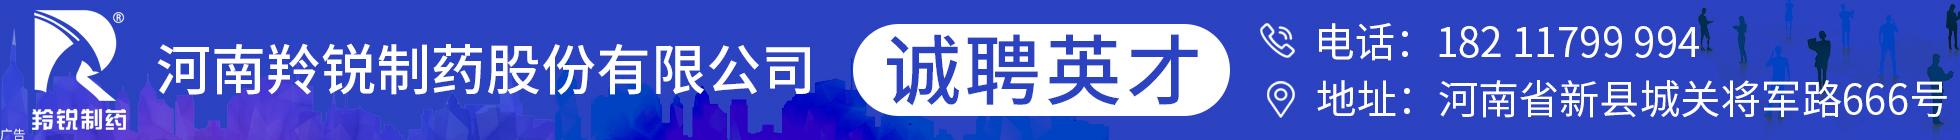 河南羚銳制藥股份有限公司